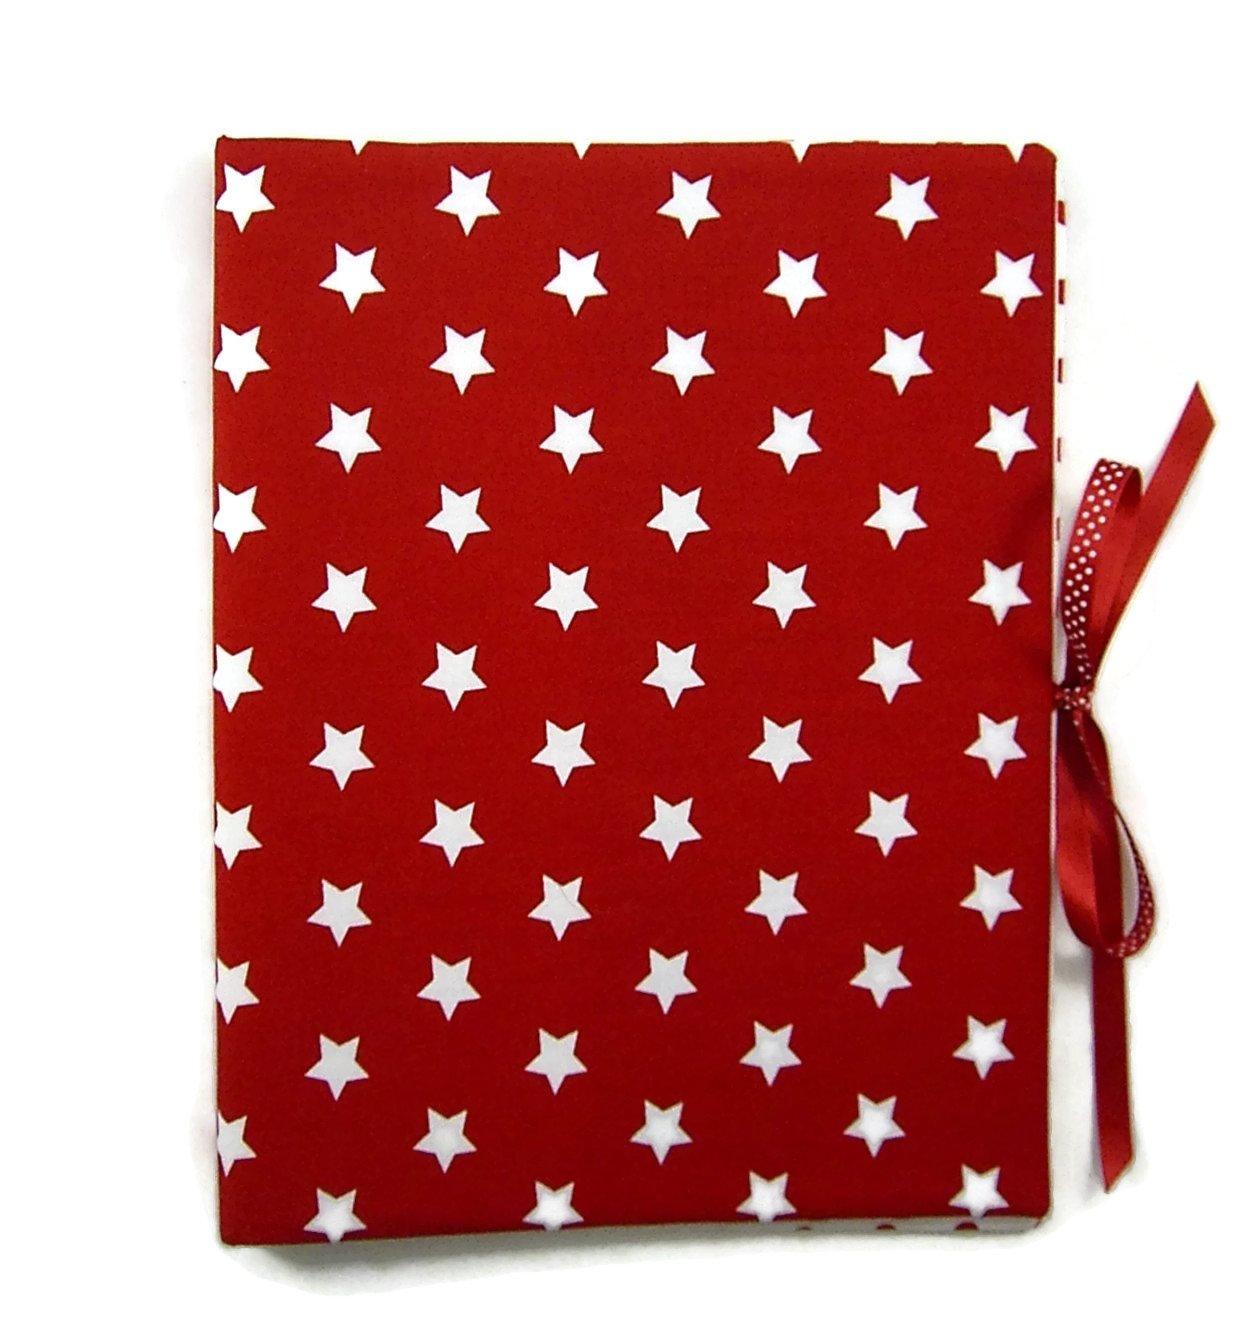 Sammelmappe DIN A4 - innen 30 Sichthüllen - - - STERNE rot-weiß - innen Punkte - bettina bruder® B01F5MKHWS | Up-to-date-styling  cbab6f